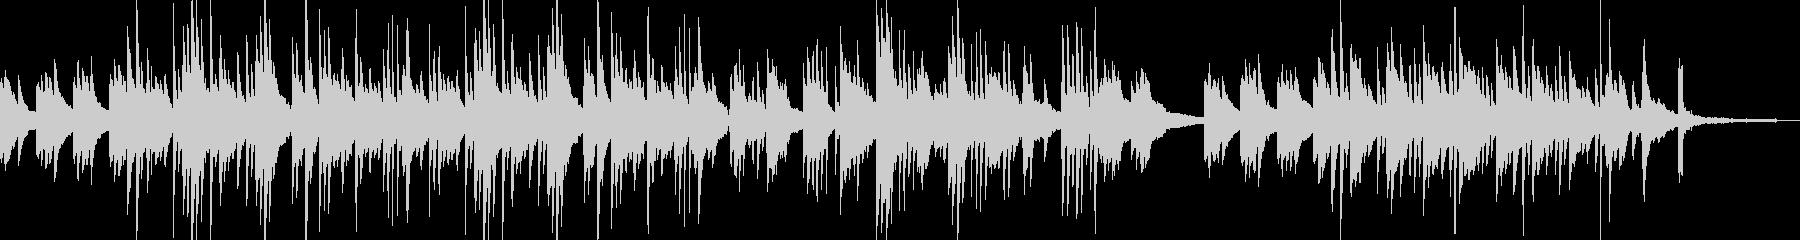 しっとりしたピアノの切ない曲の未再生の波形